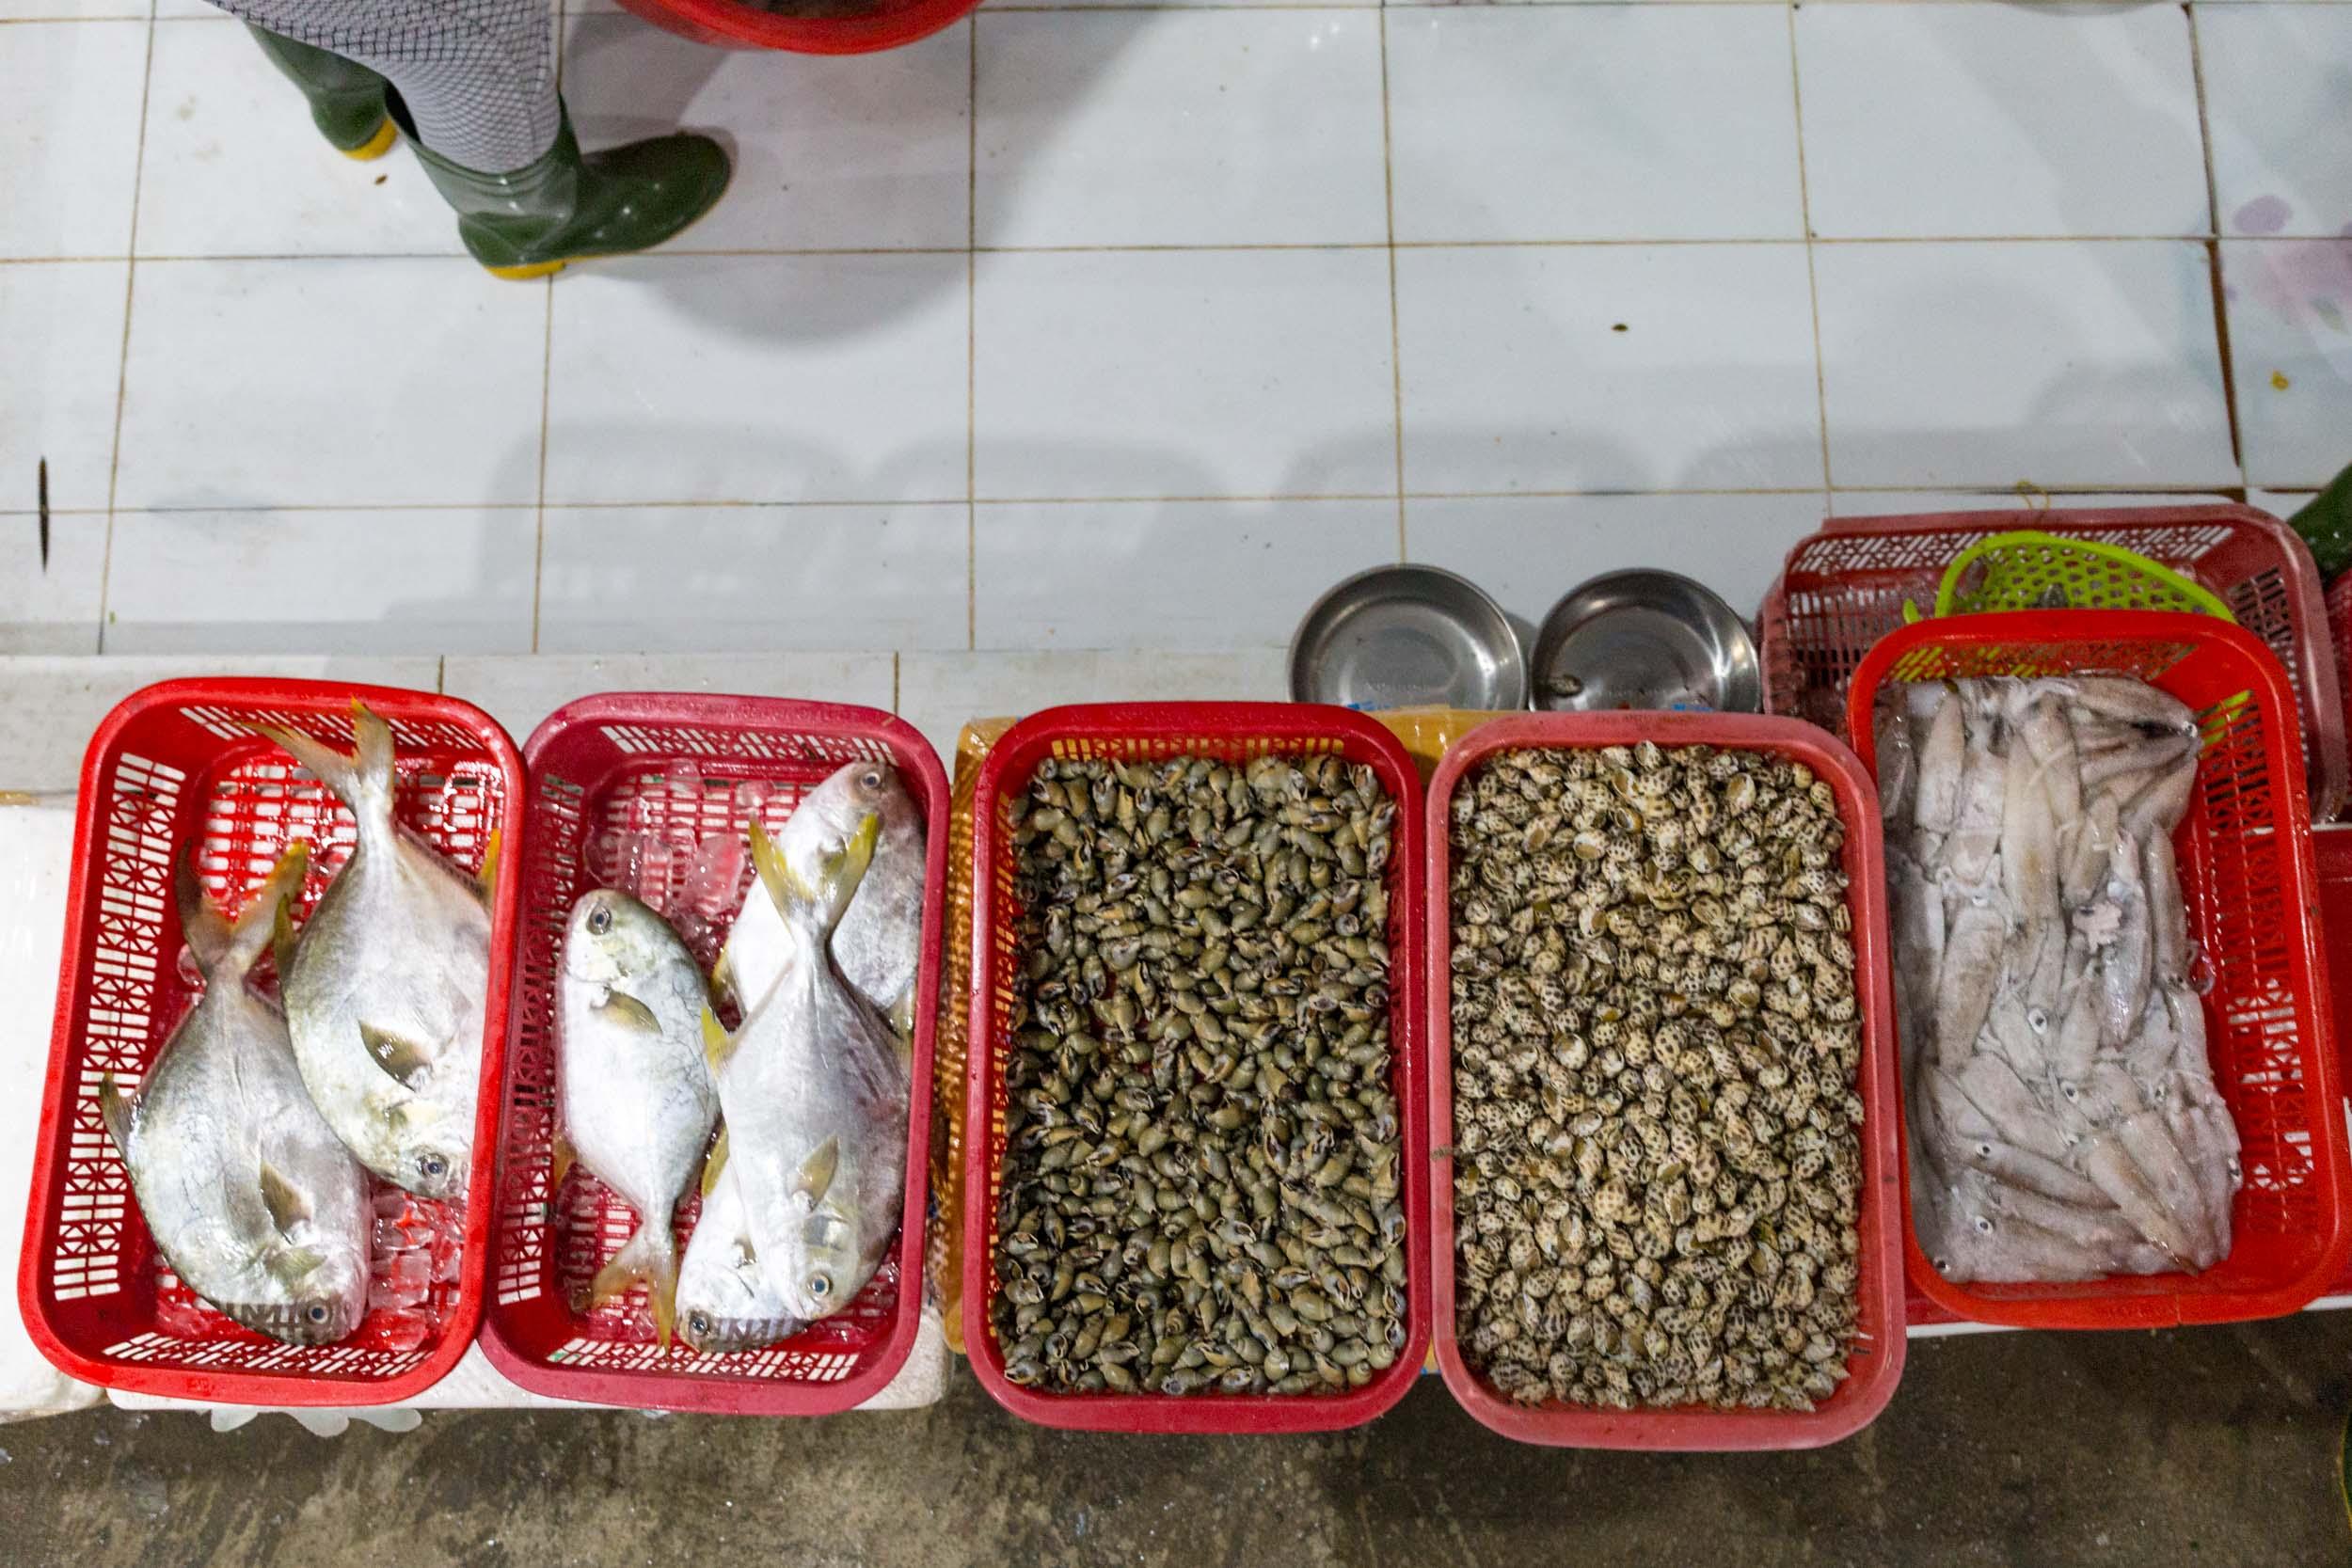 Fresh Fish at Hải sản Bà Rô, Da Nang, Vietnam.